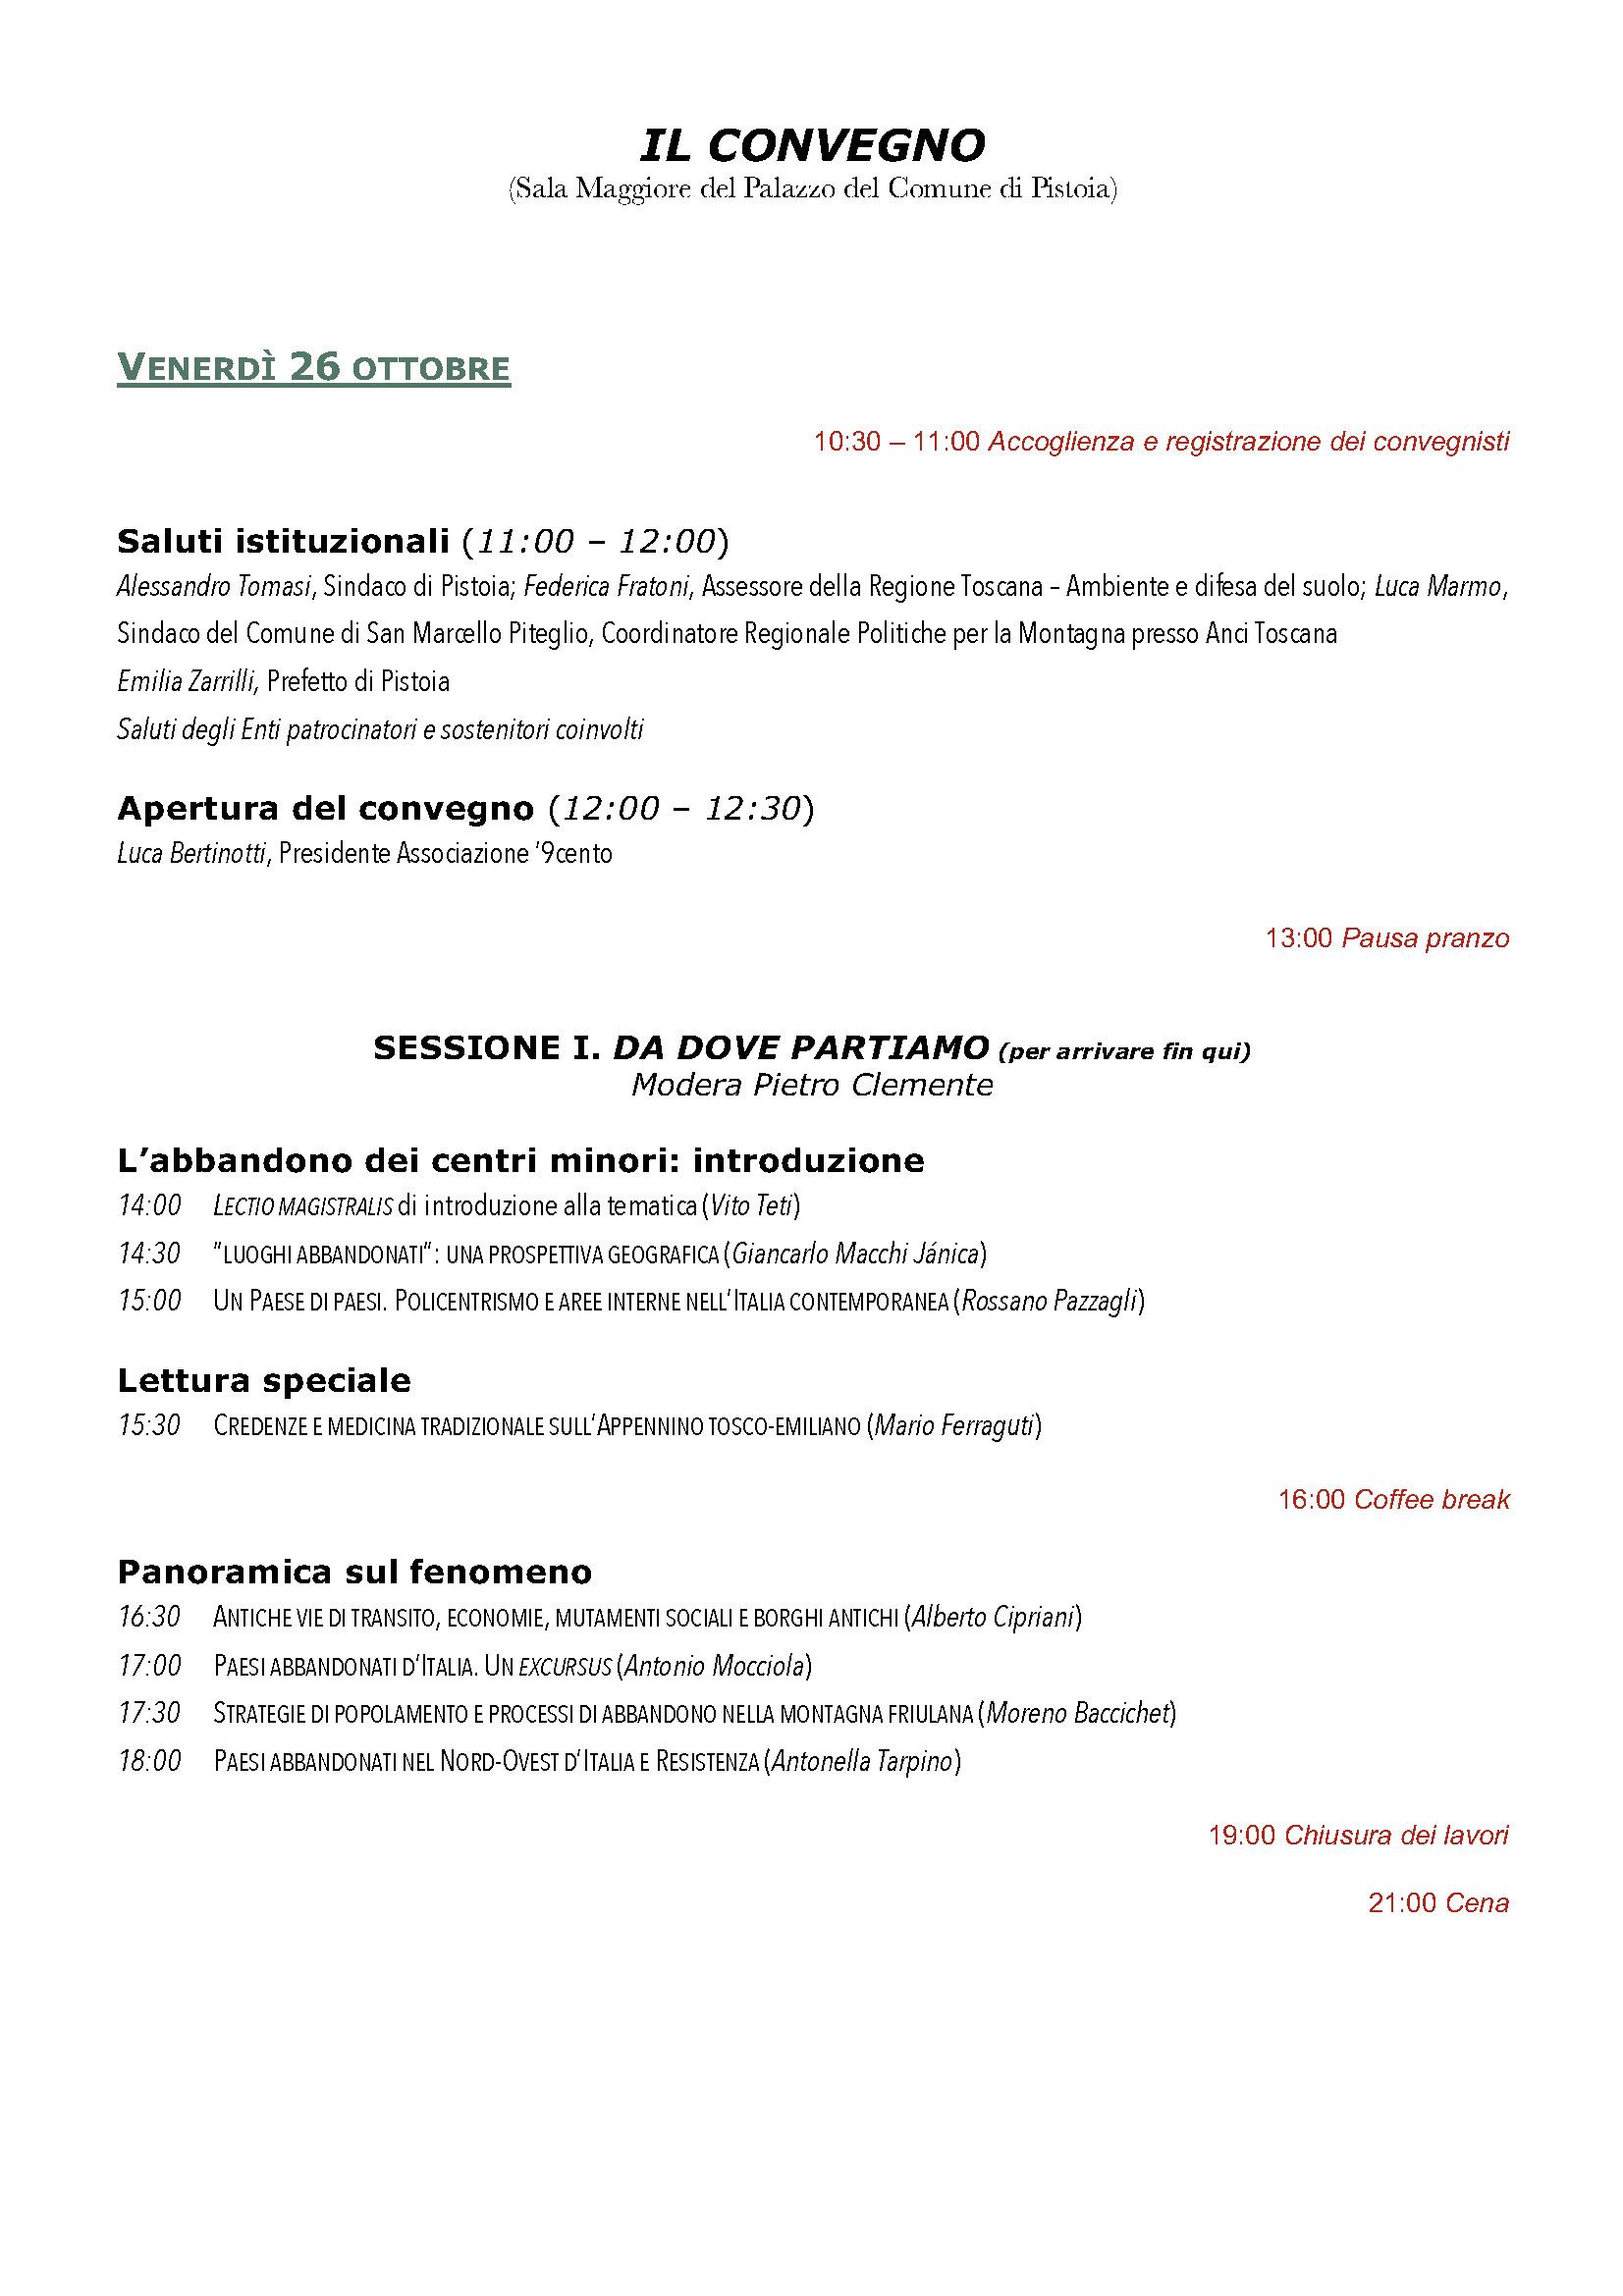 programma-convegno-da-borghi-abbandonati-a-borghi-ritrovati3_Pagina_2